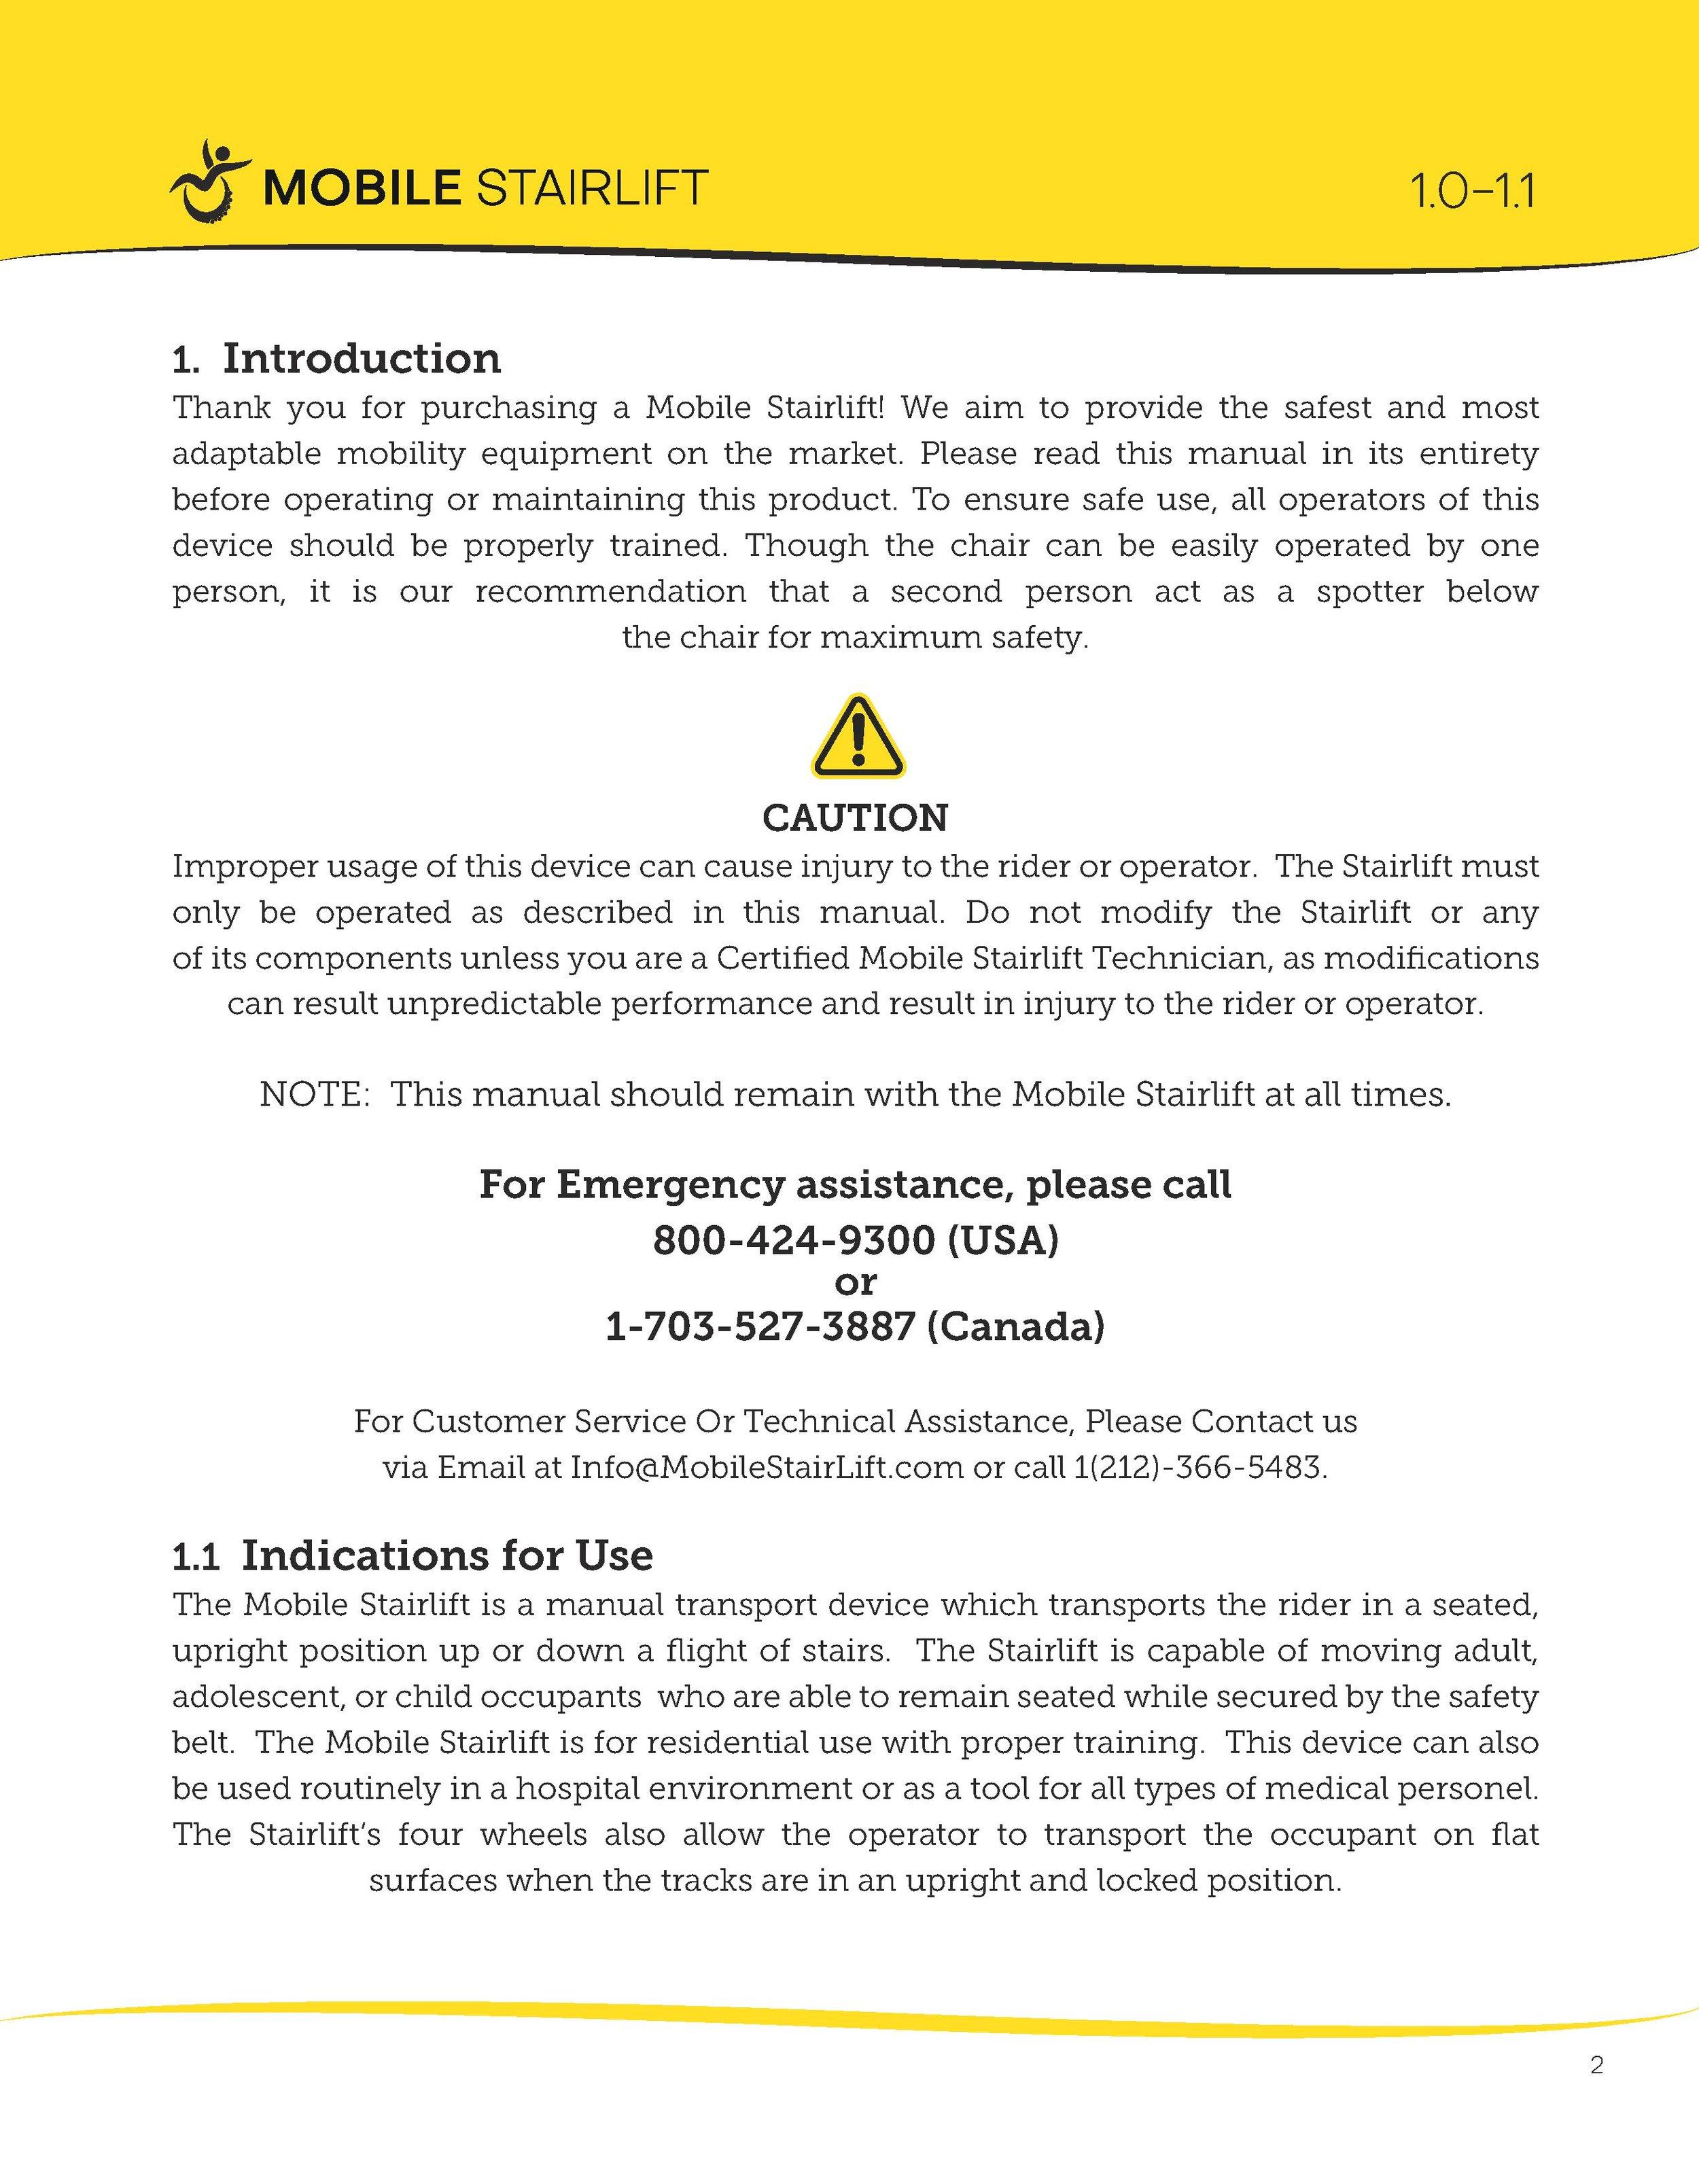 Mobile Stairlift Instruction Manual-3.jpg